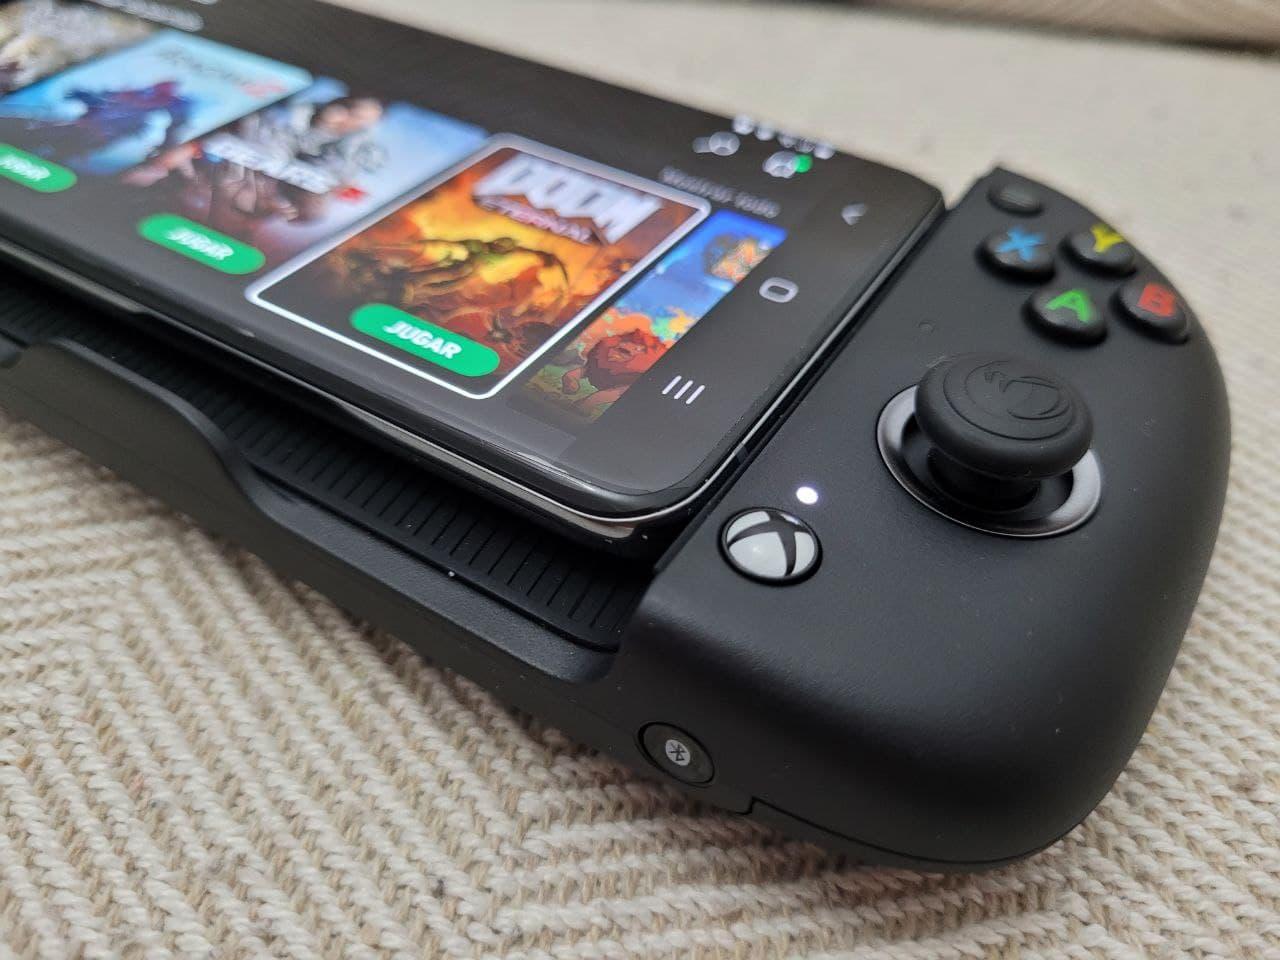 Un mando que cuenta con el sello oficial de Xbox y estrictamente preparado para jugar a Cloud Gaming vía Xbox Game Pass. Te contamos todo sobre el MG-X.